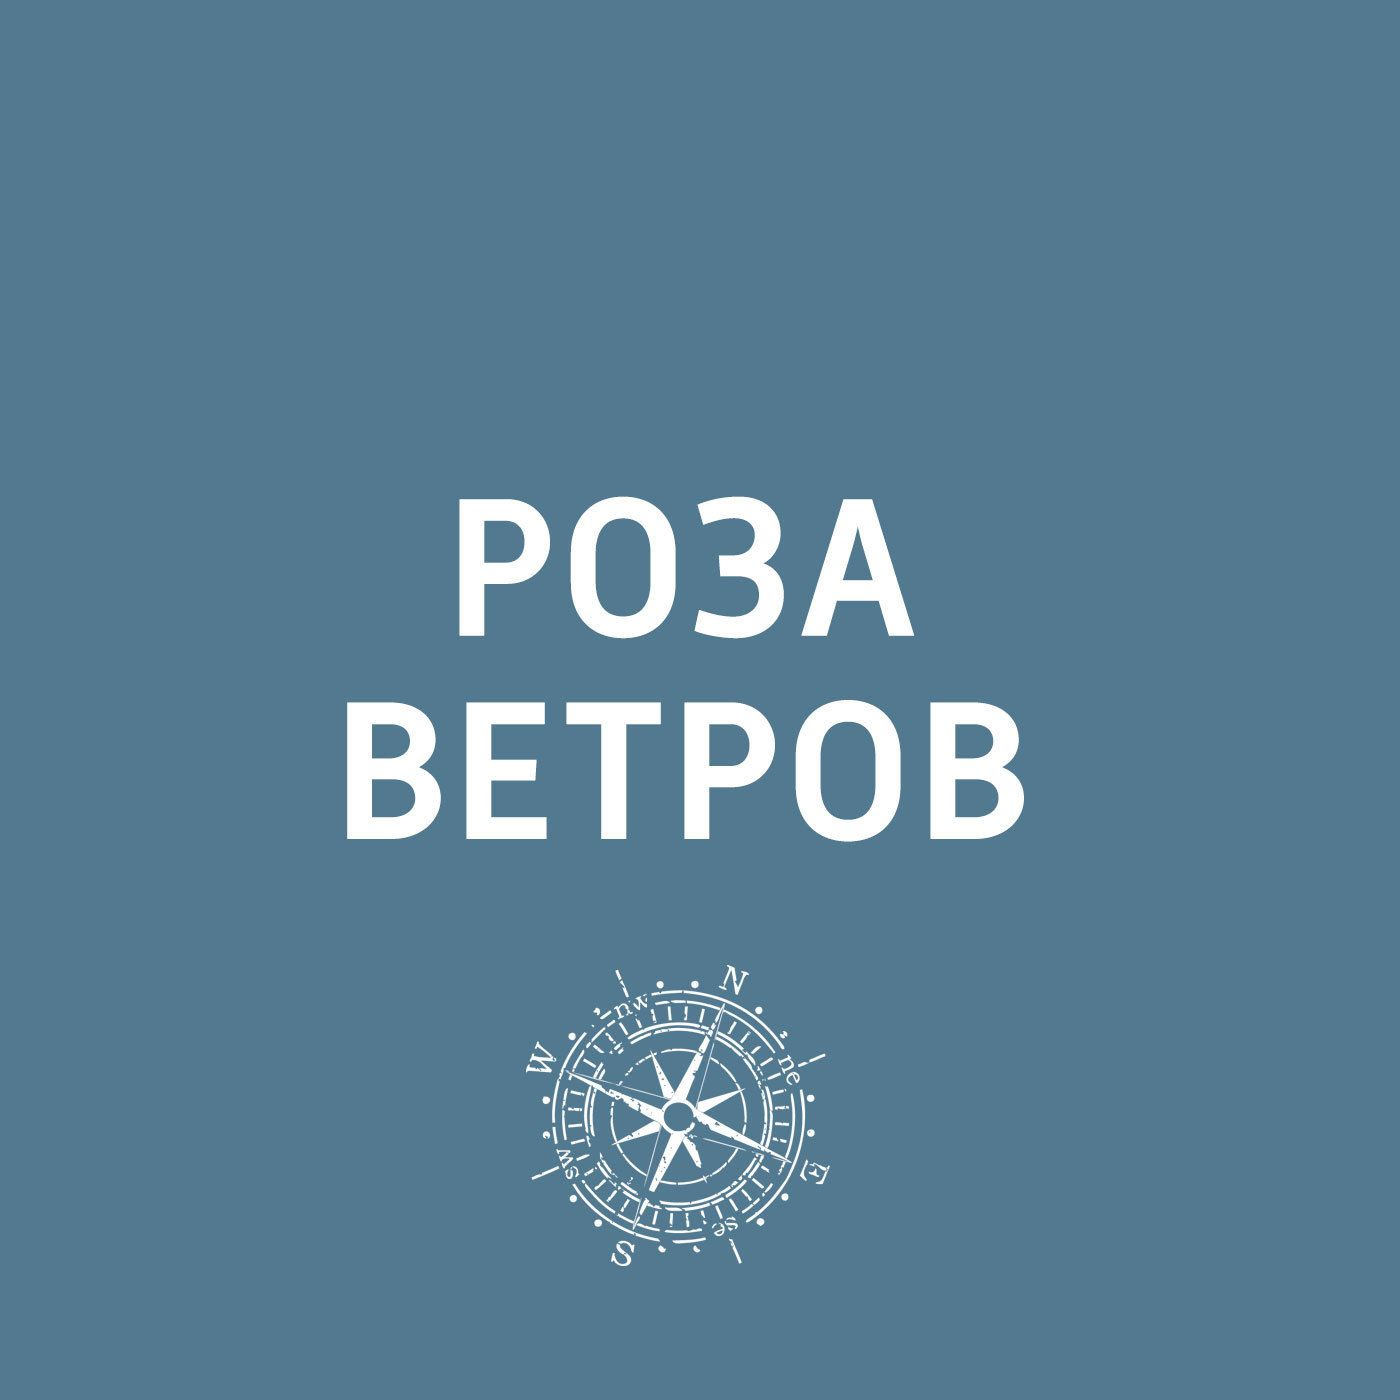 Творческий коллектив шоу «Уральские самоцветы» Ямал в марте впервые запустит туры с ночевкой в чуме и ездой на оленях спрос на туры в крым на урале снизился в